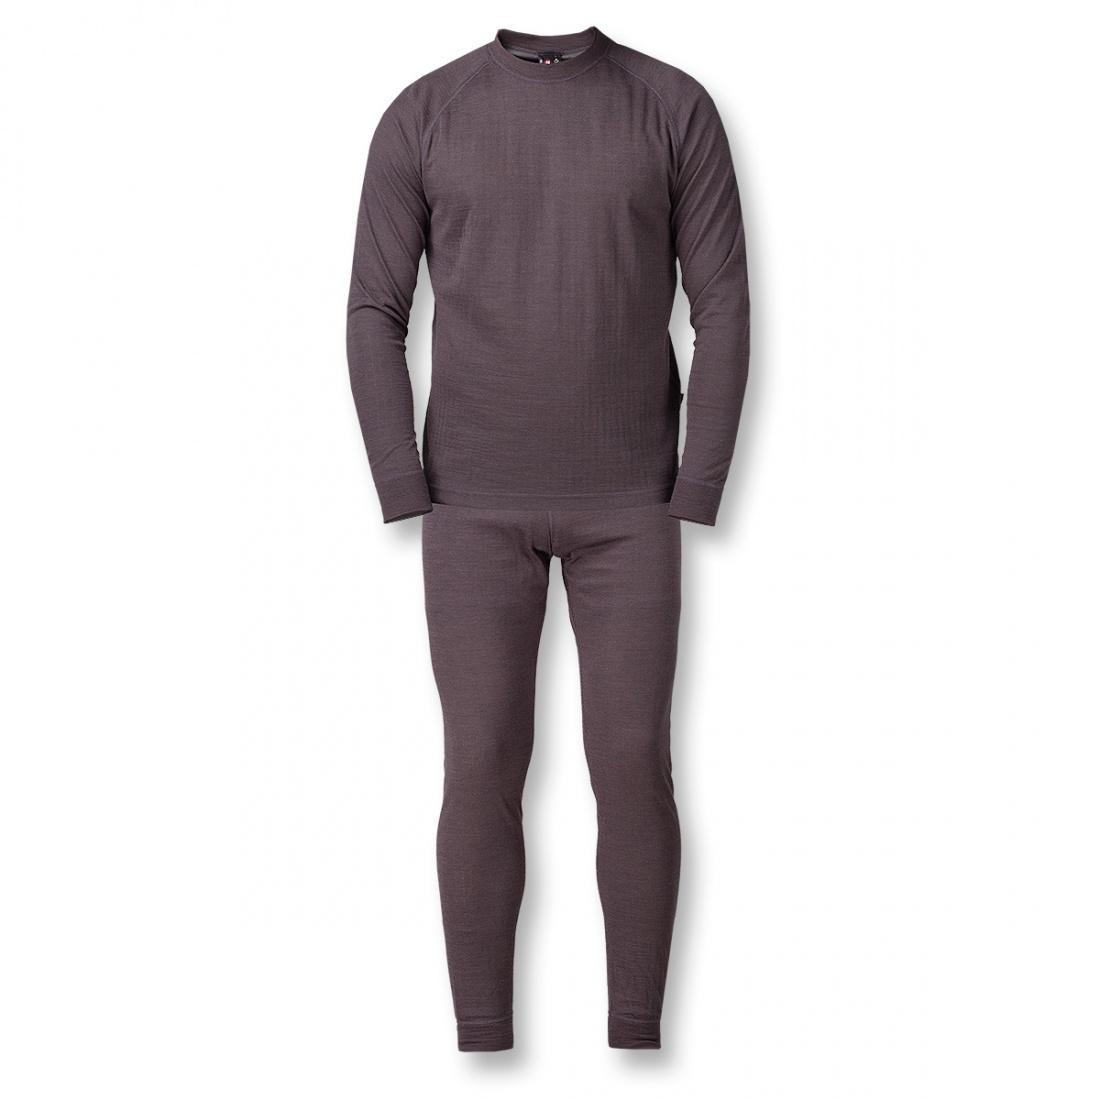 Термобелье костюм Natural DryКомплекты<br>Теплое белье из смесовой ткани: шерстяные волокна греют, анити акрила и полипропилена добавляют белью эластичности исокращают время исп...<br><br>Цвет: Серый<br>Размер: 56